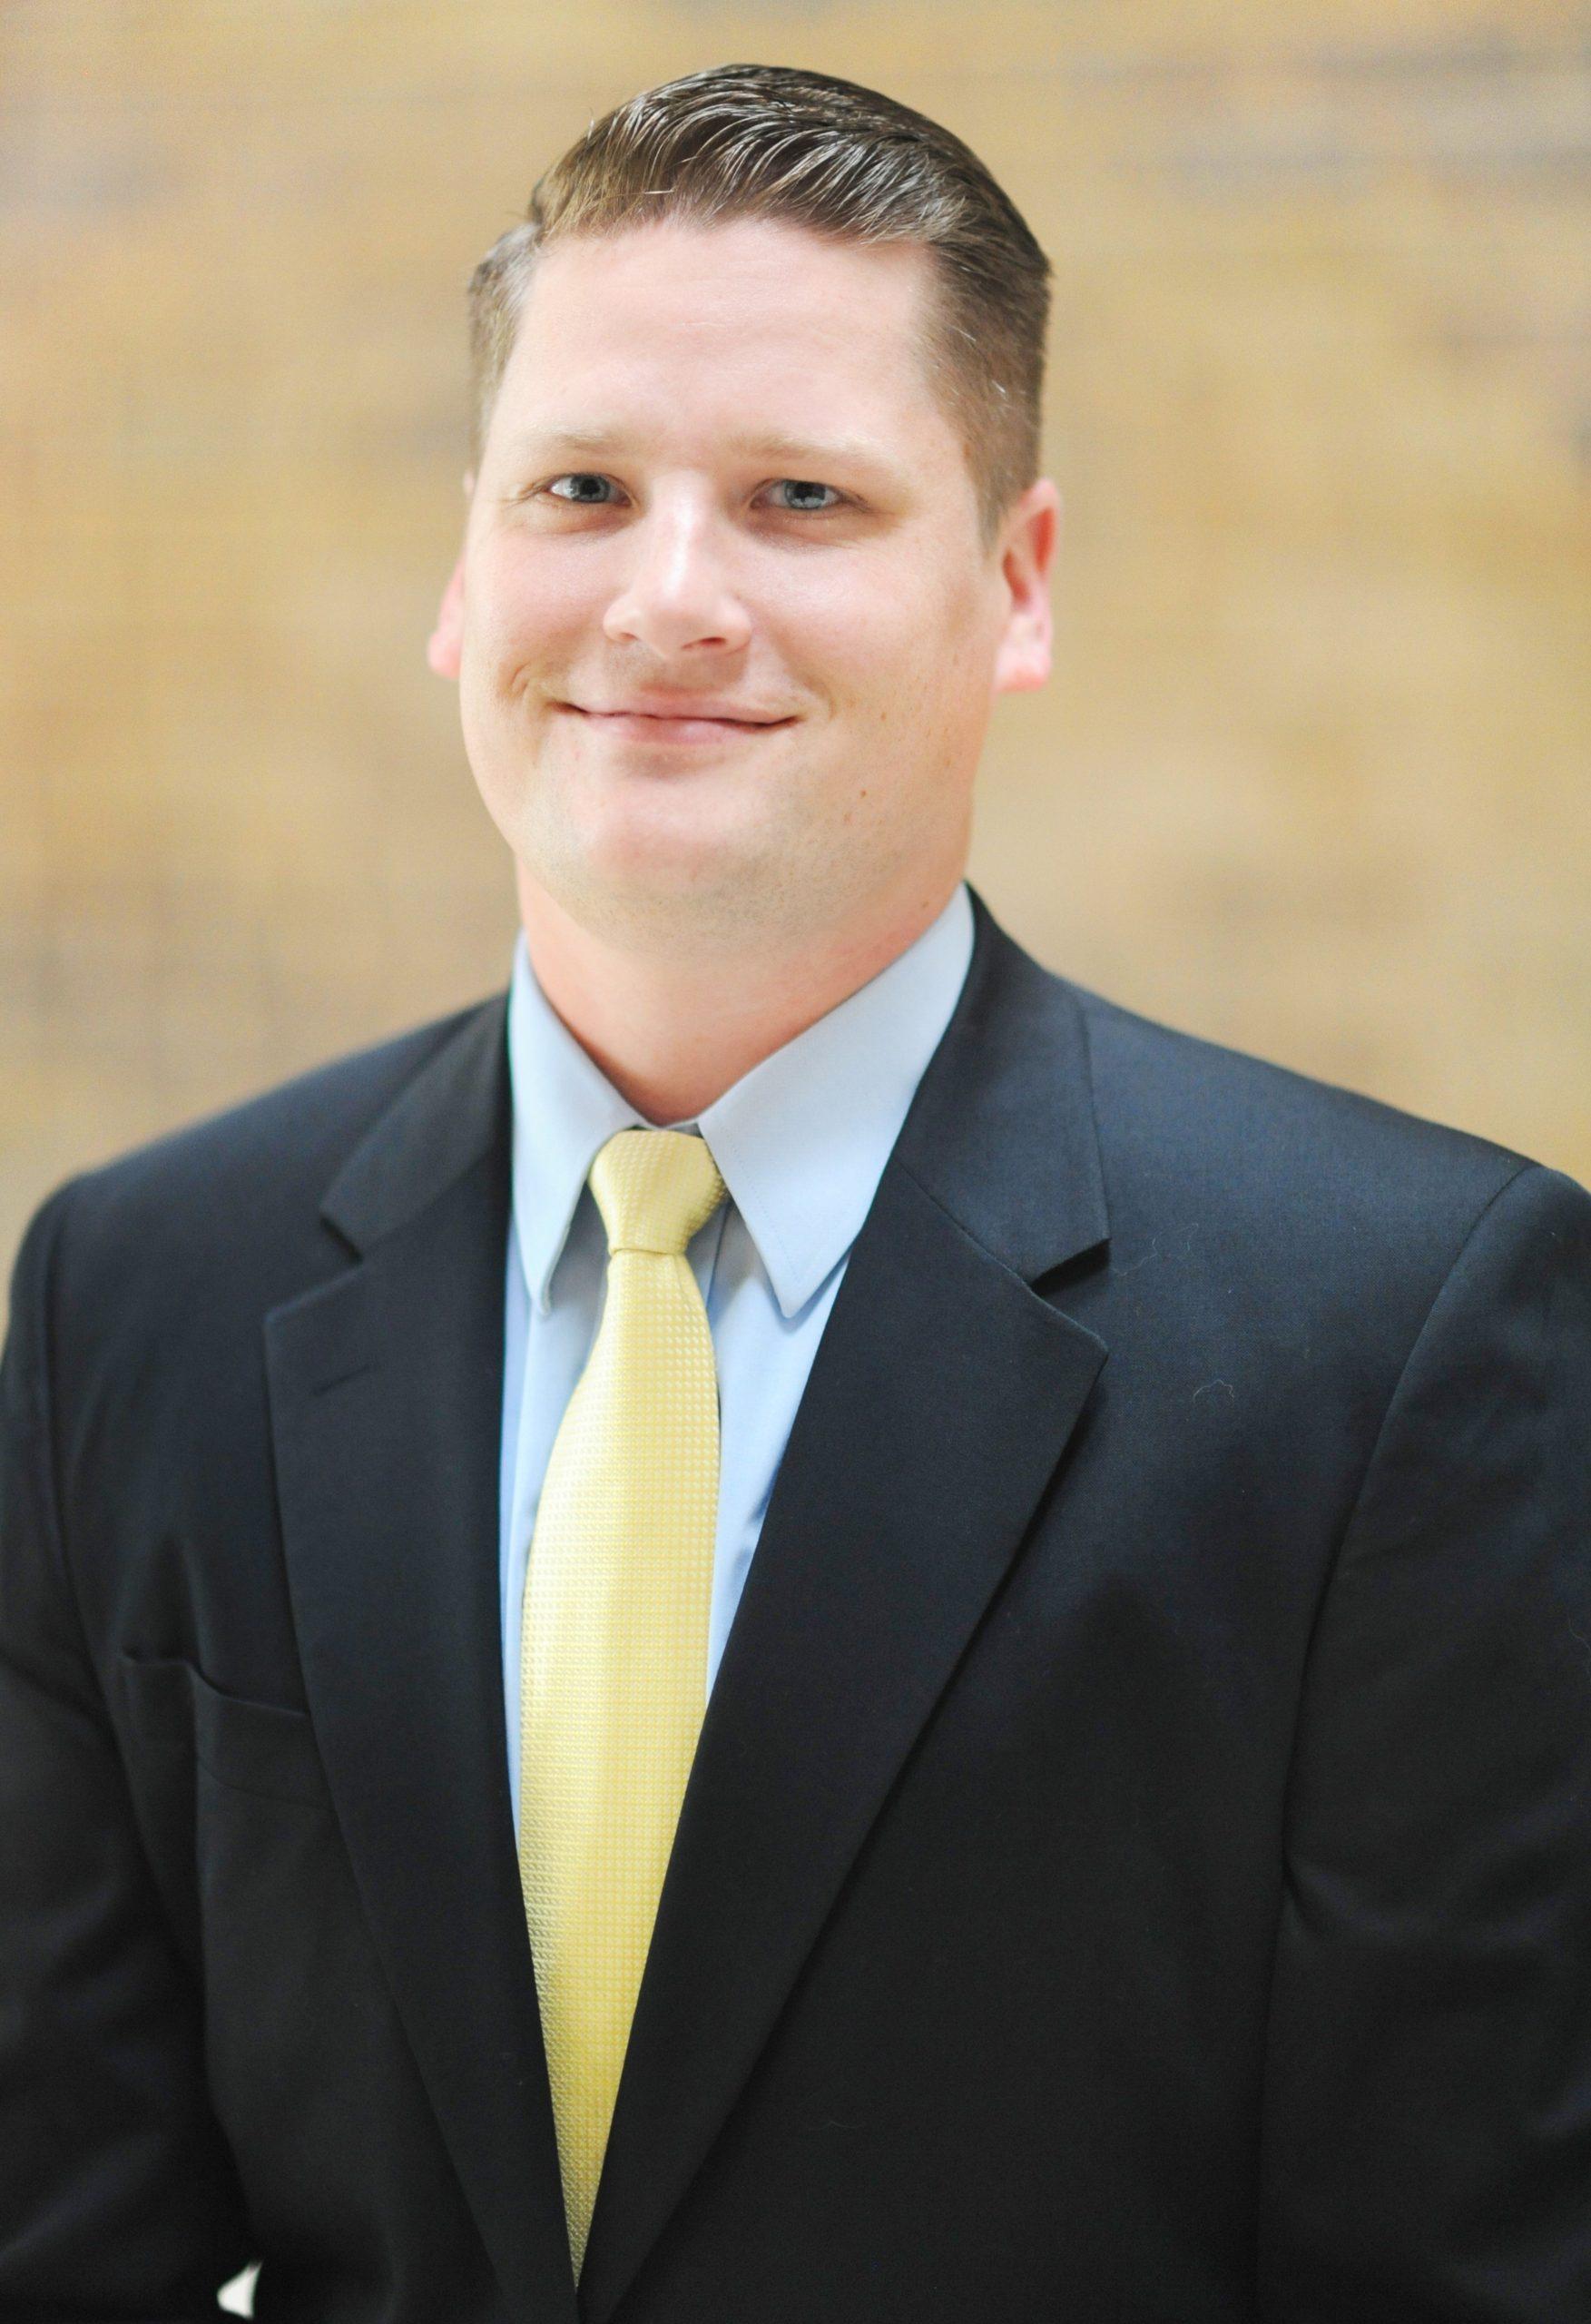 Tommy Neuman, LEED AP